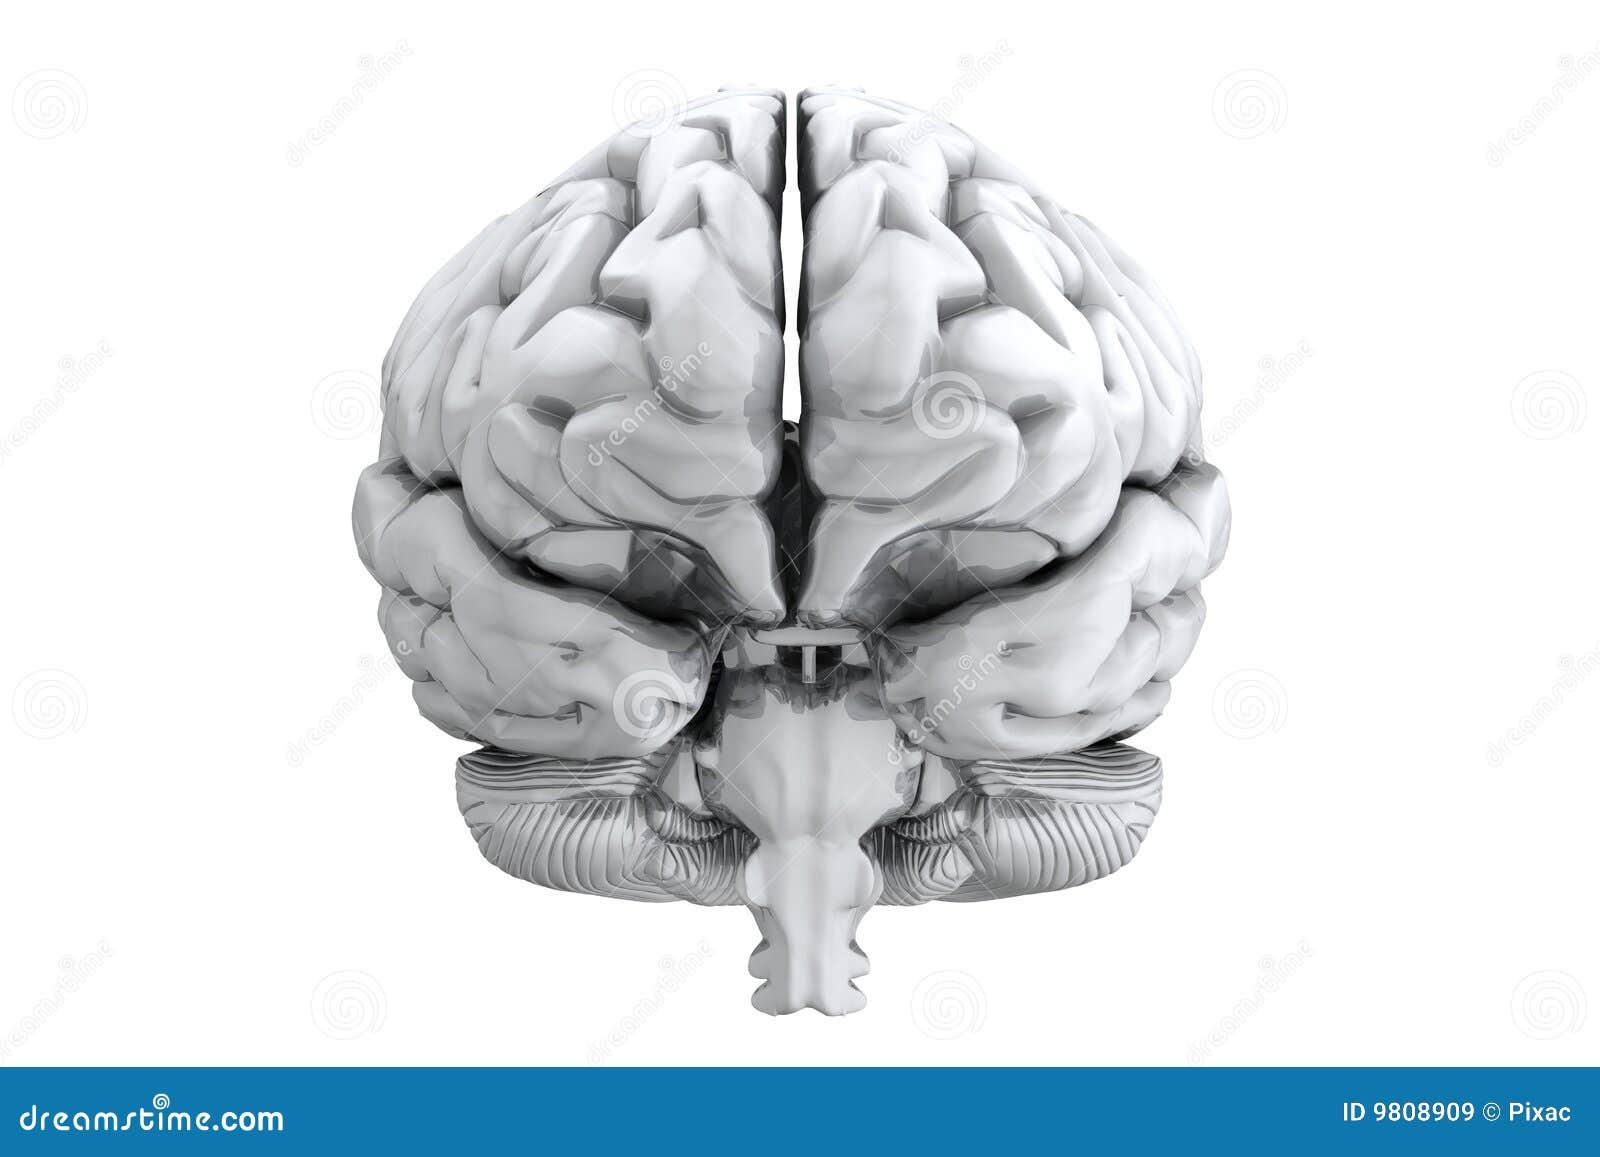 Menschliches Gehirn stock abbildung. Illustration von kopf - 9808909